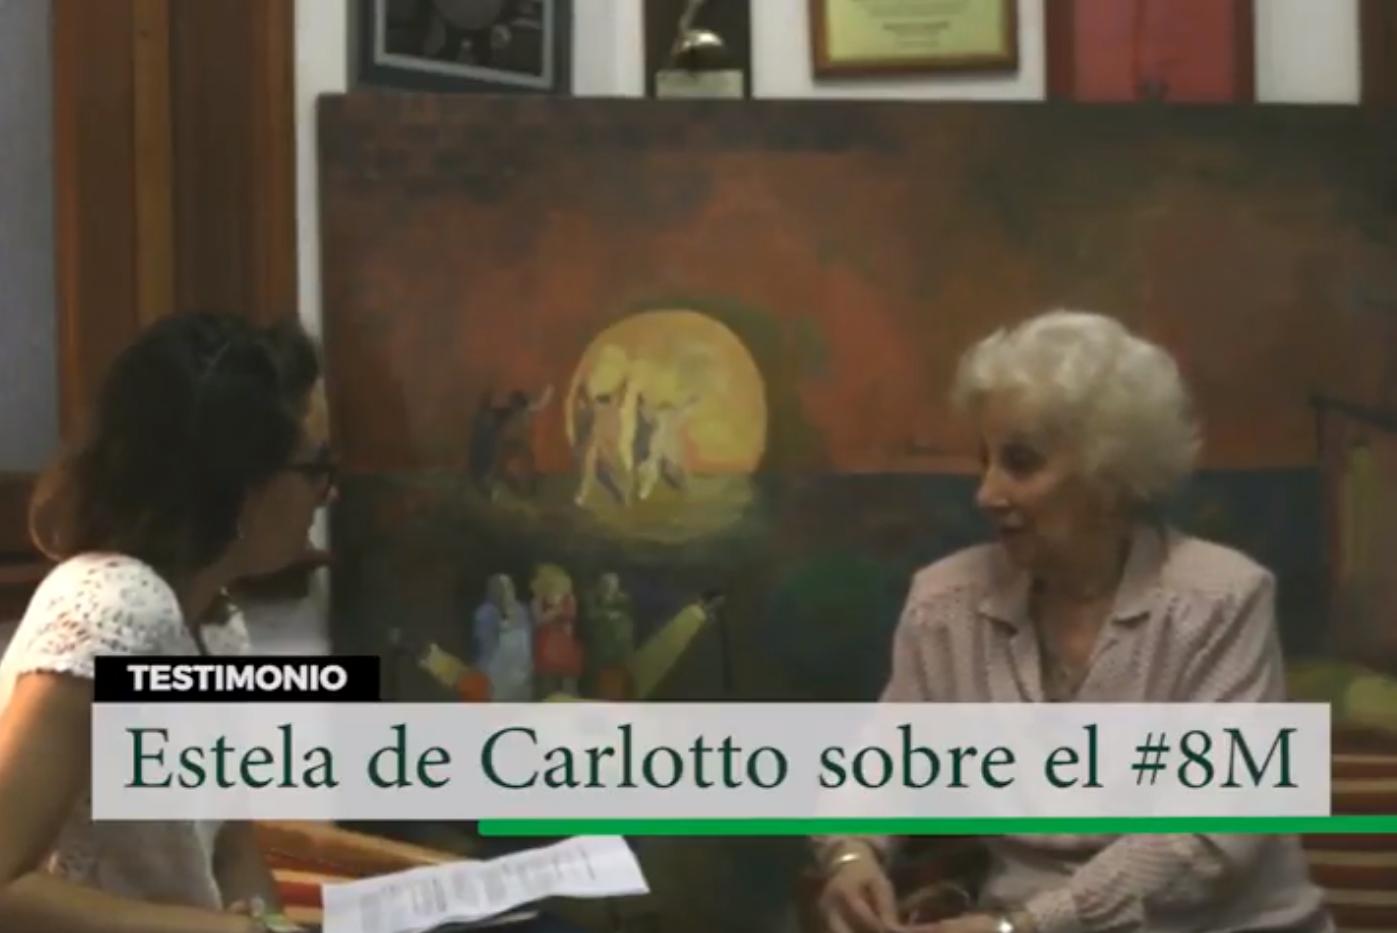 ESTELA DE CARLOTTO SOBRE EL #8M